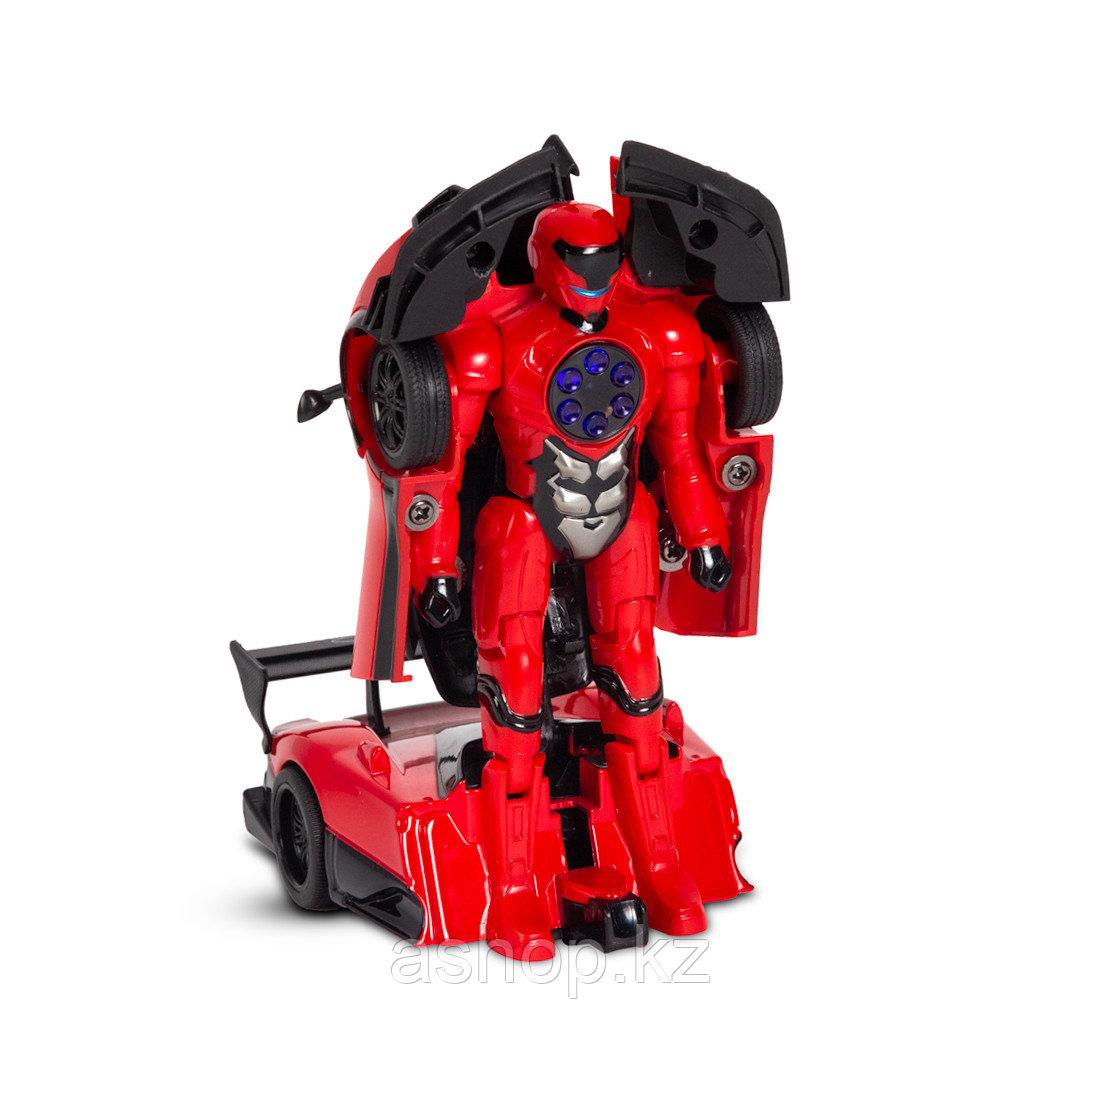 Игрушка трансформер Rastar Pagani Zonda R, Трансформации: Робот, автомобиль, Цвет: Красный, (61900R)